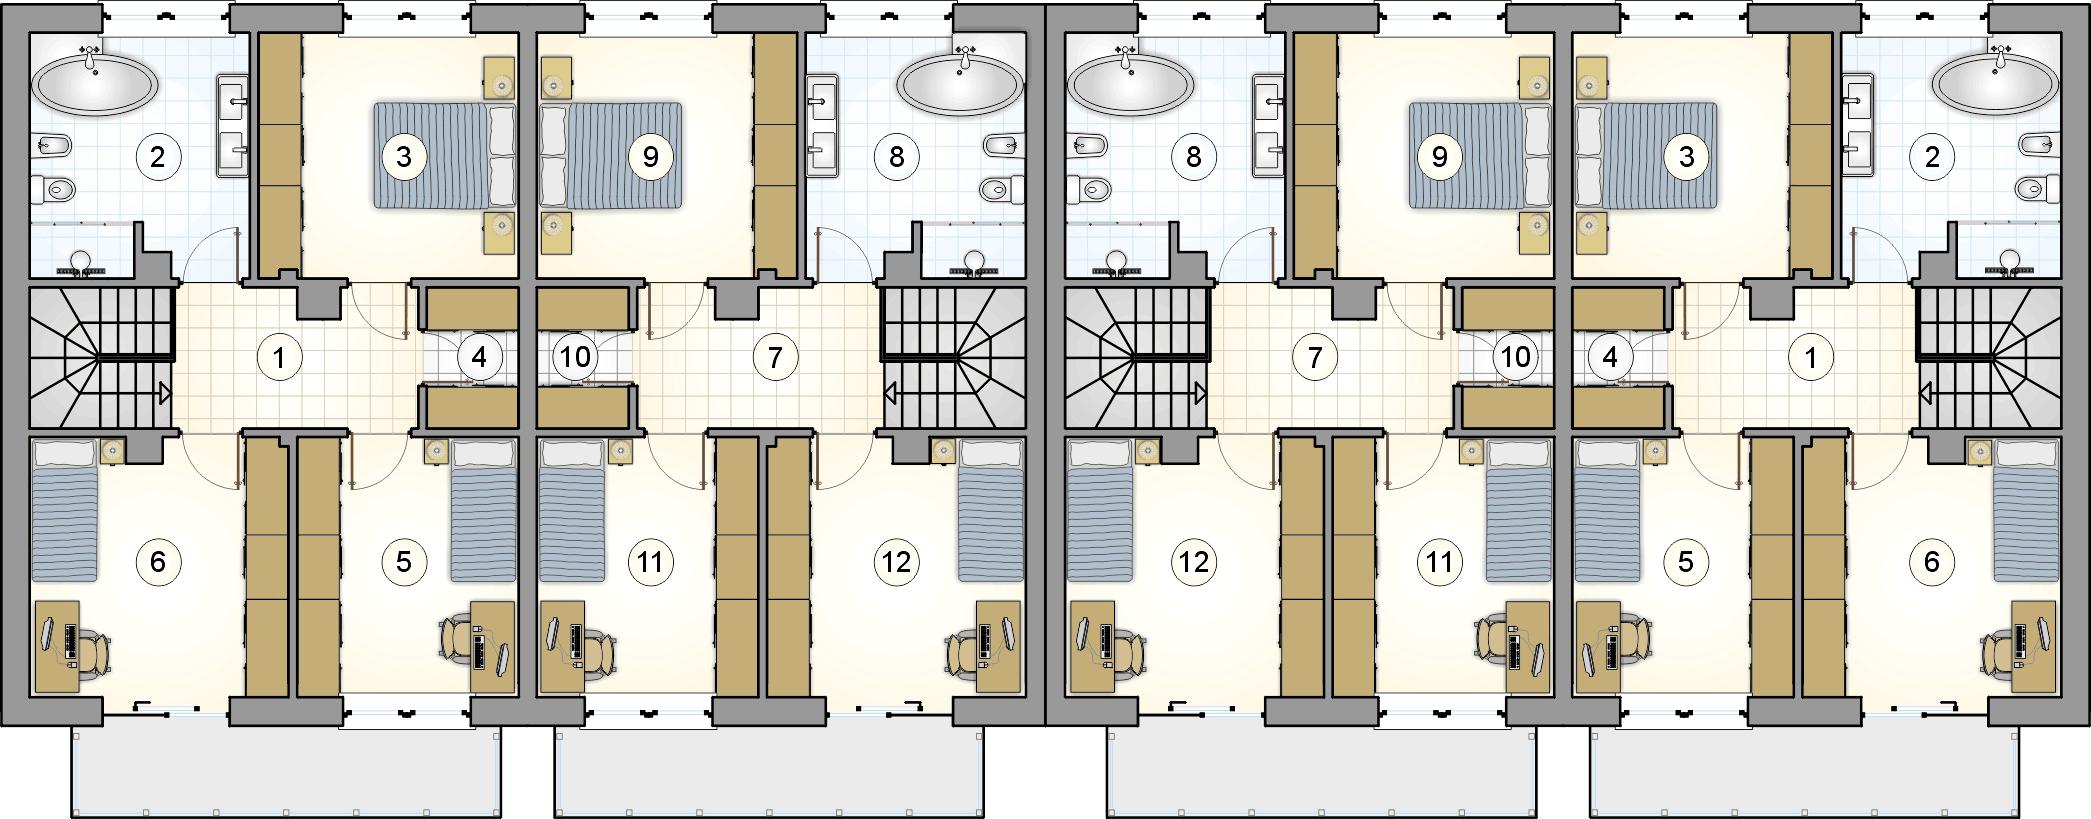 rzut piętra - projekt Torino